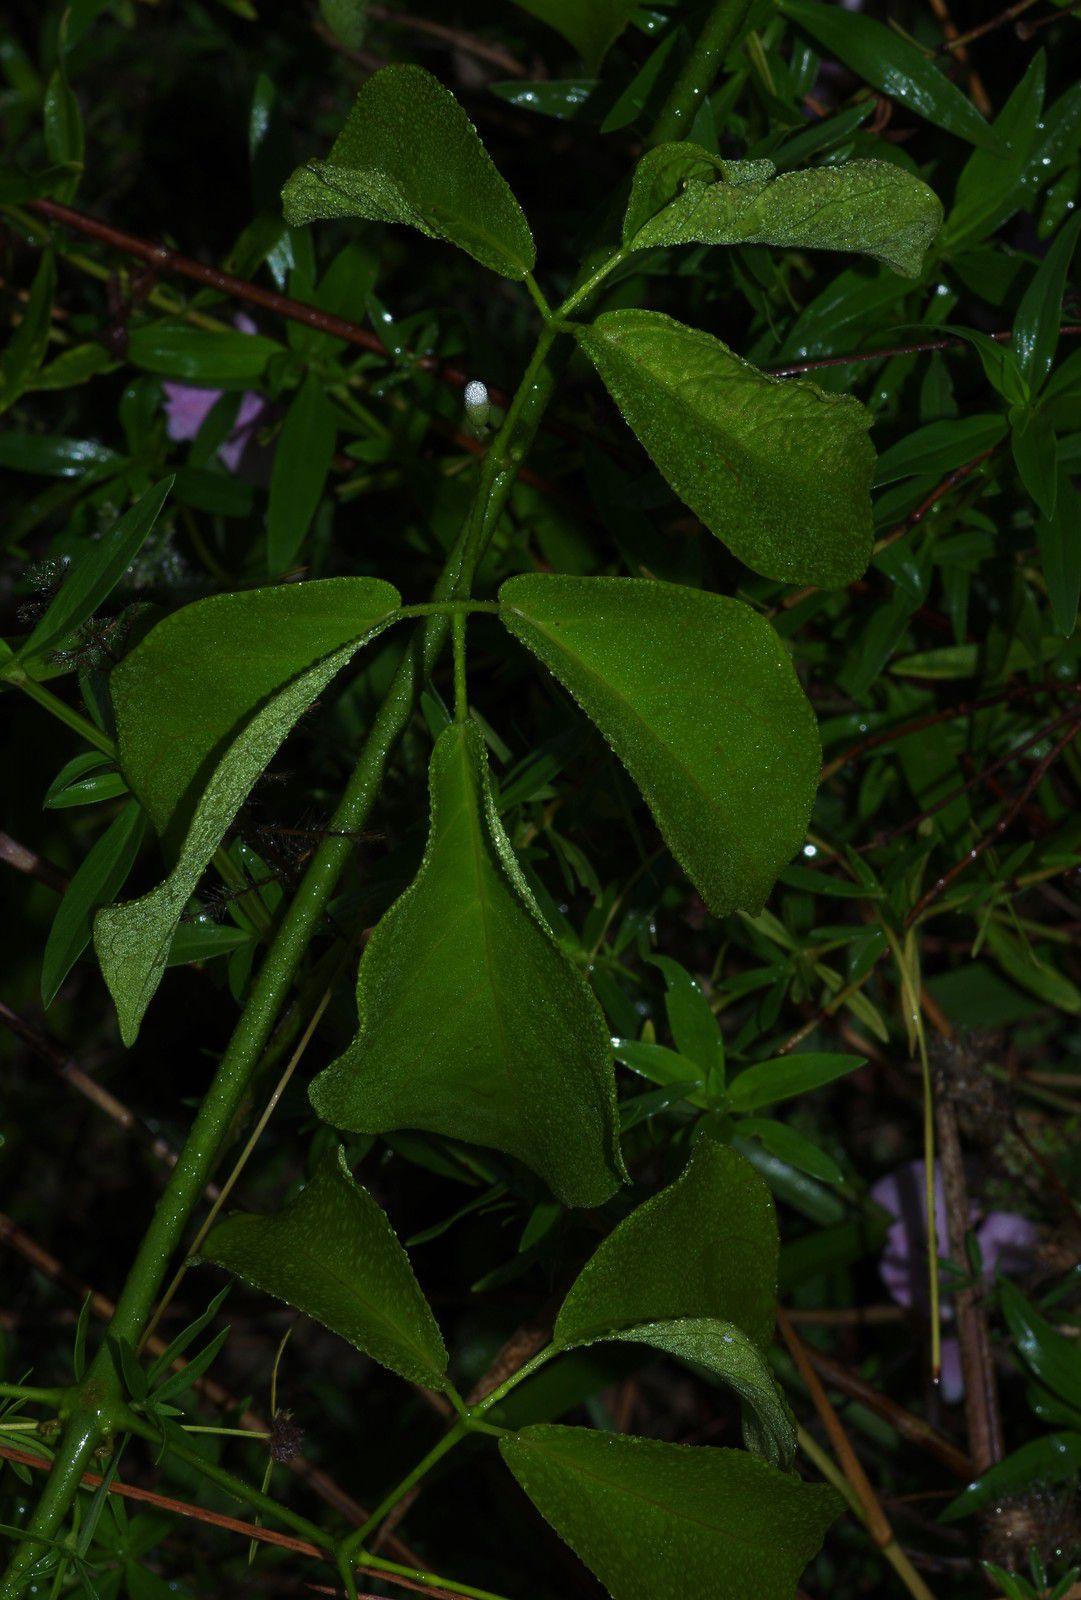 Amphilophium pulverulentum